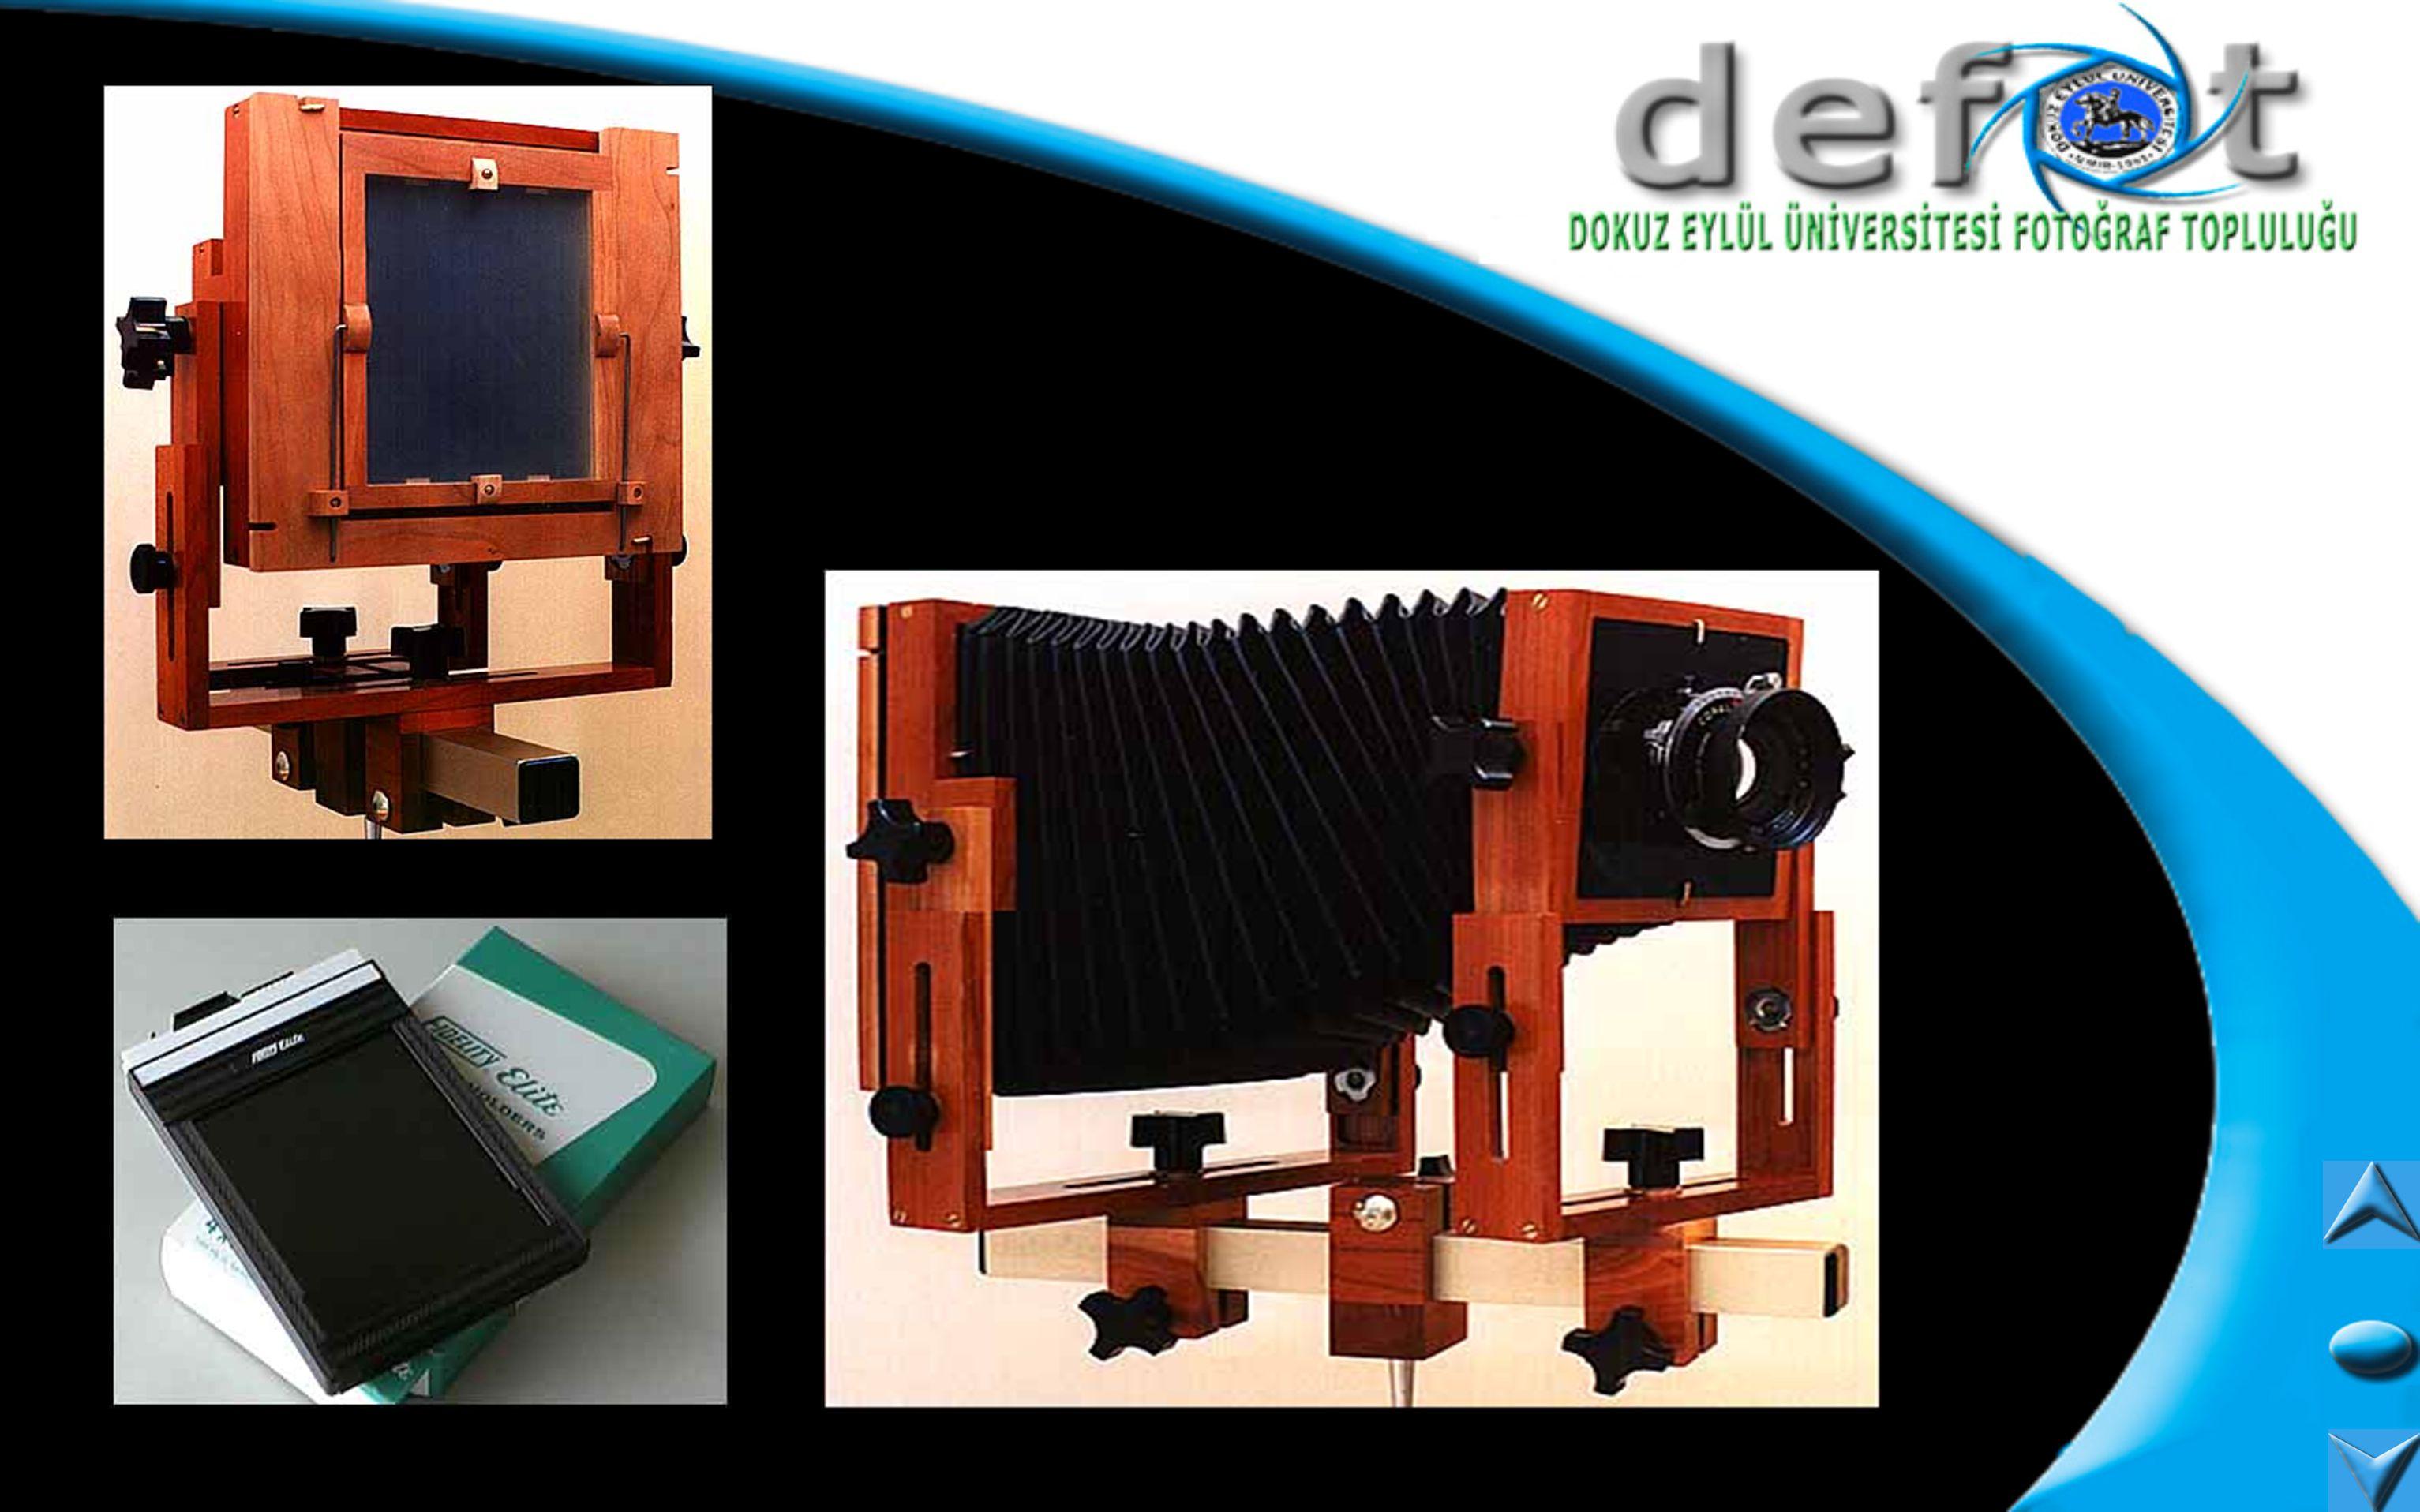 İĞNE DELİĞİ FOTOĞRAF MAKİNALARI Bu fotoğraf makinaları ilk olarak kullanılan fotoğraf makinaları olup bir kara kutunun ön kısmına açılmış olan iğne deliği büyüklüğünde olan bir delikten geçen ışık film düzlemine üzerine düşülerek görüntü elde ediliyordu.